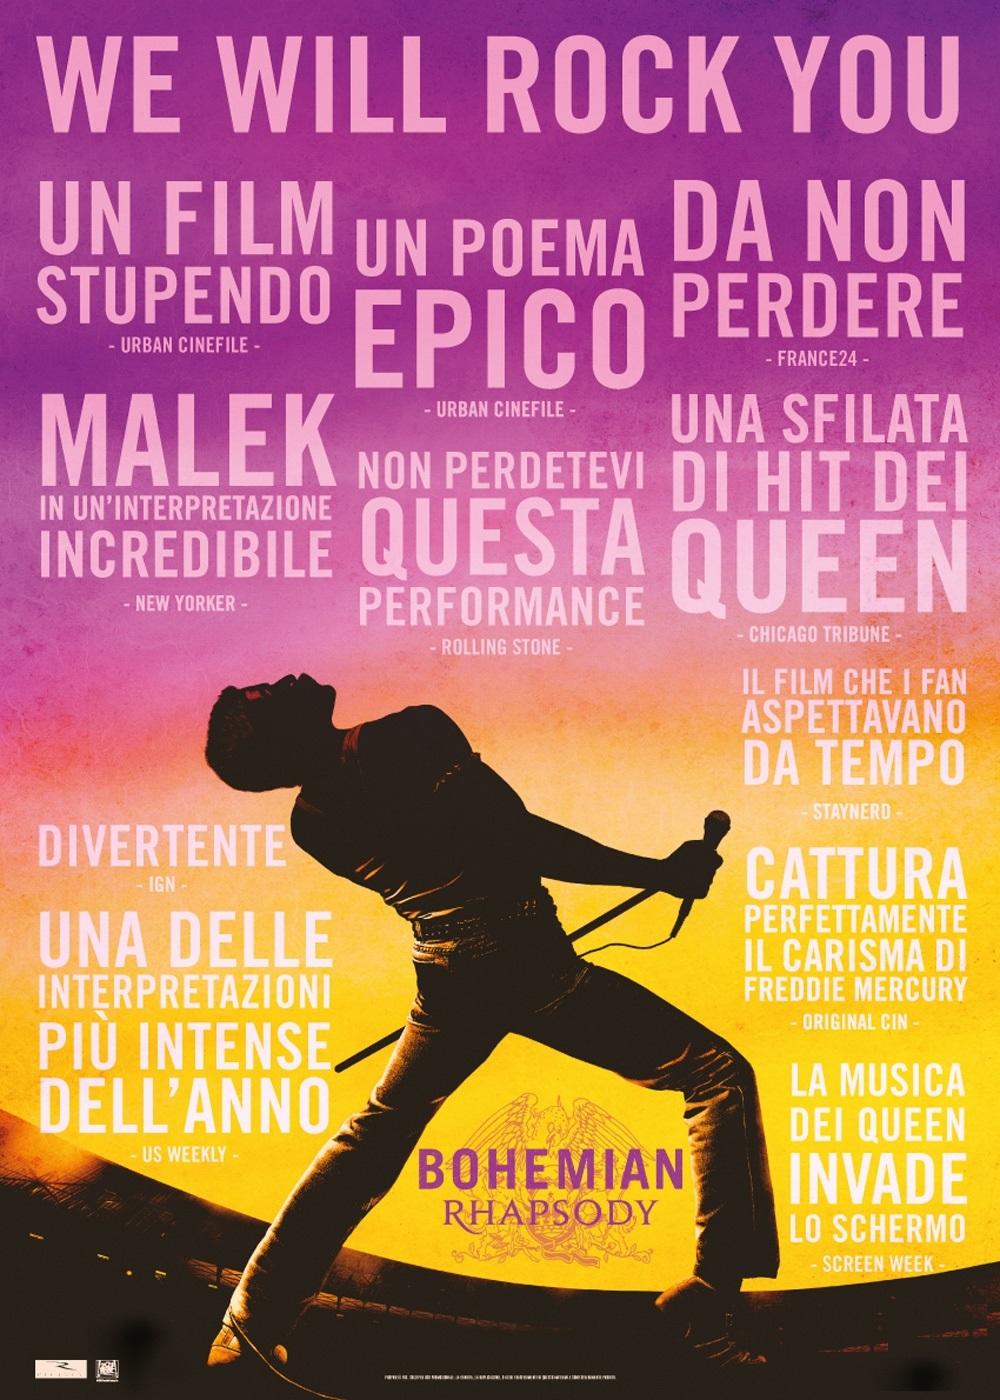 BOHEMIAN RHAPSODY - 25 febbraio ore 21:00 – Rivergaro (PC) Casa del Popolo – Rassegna Cinematografica